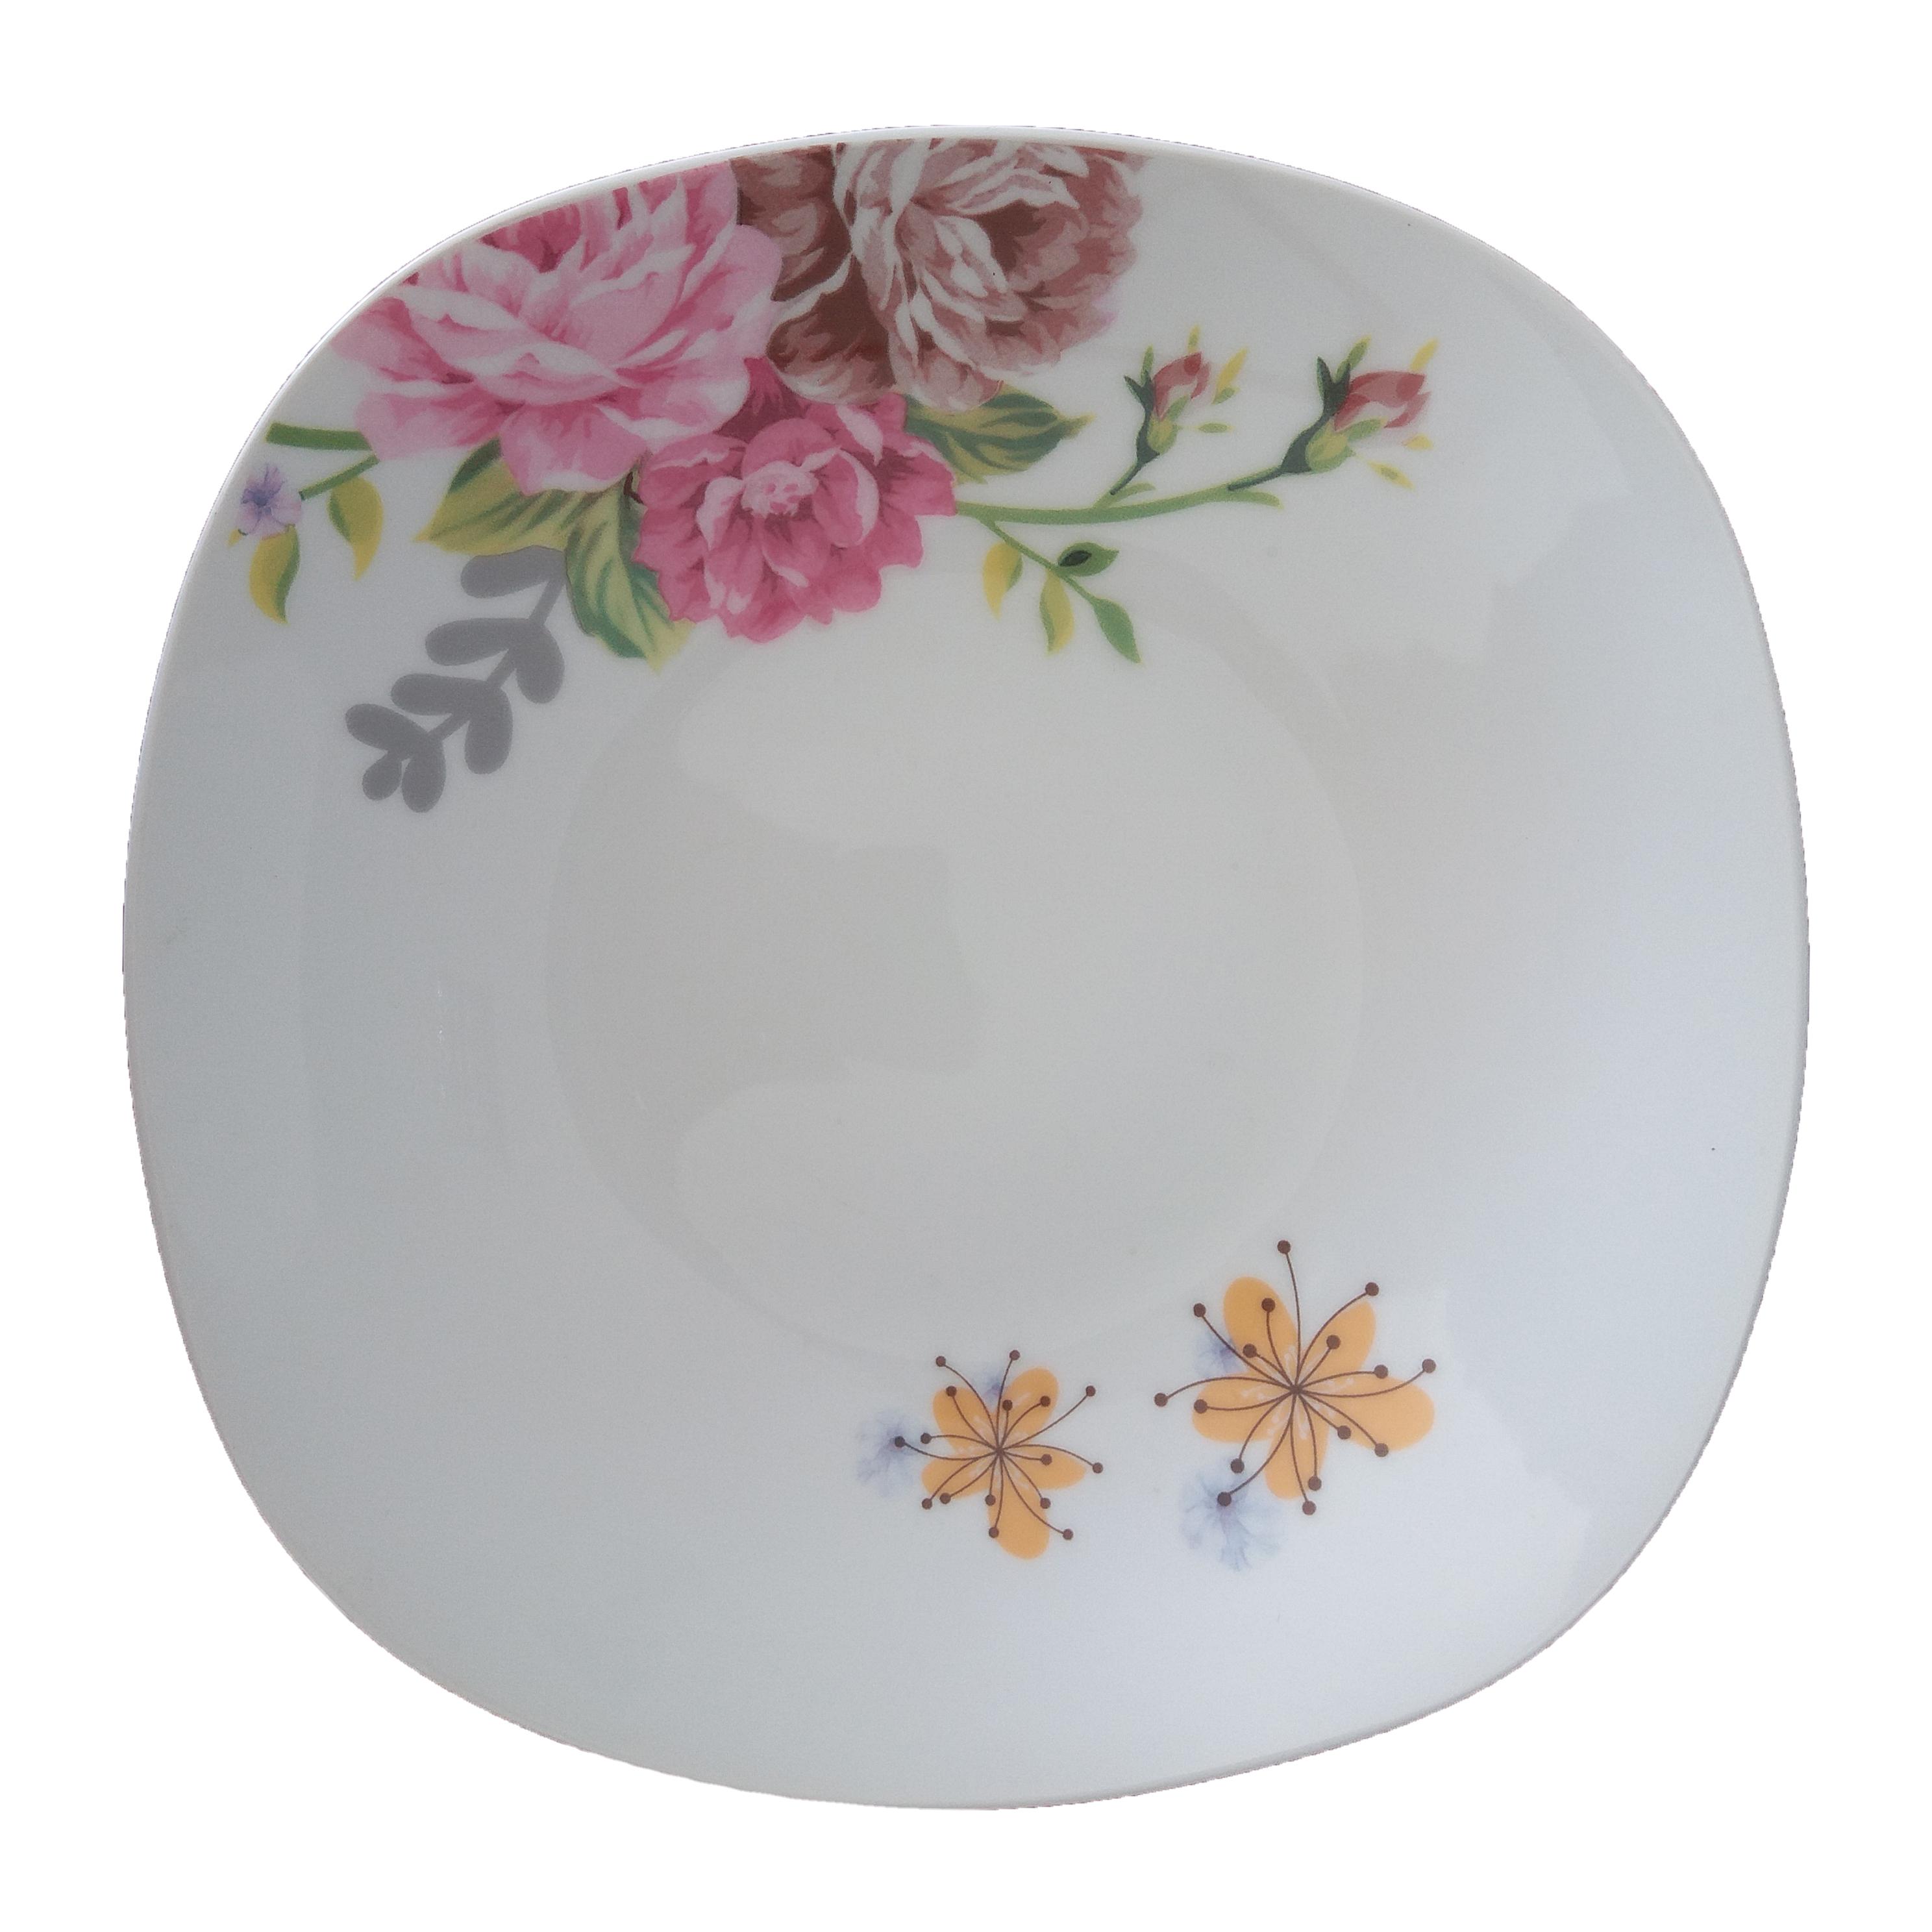 9 дюймов керамические фарфоровые квадратные тарелки для супа и посуда набор посуды